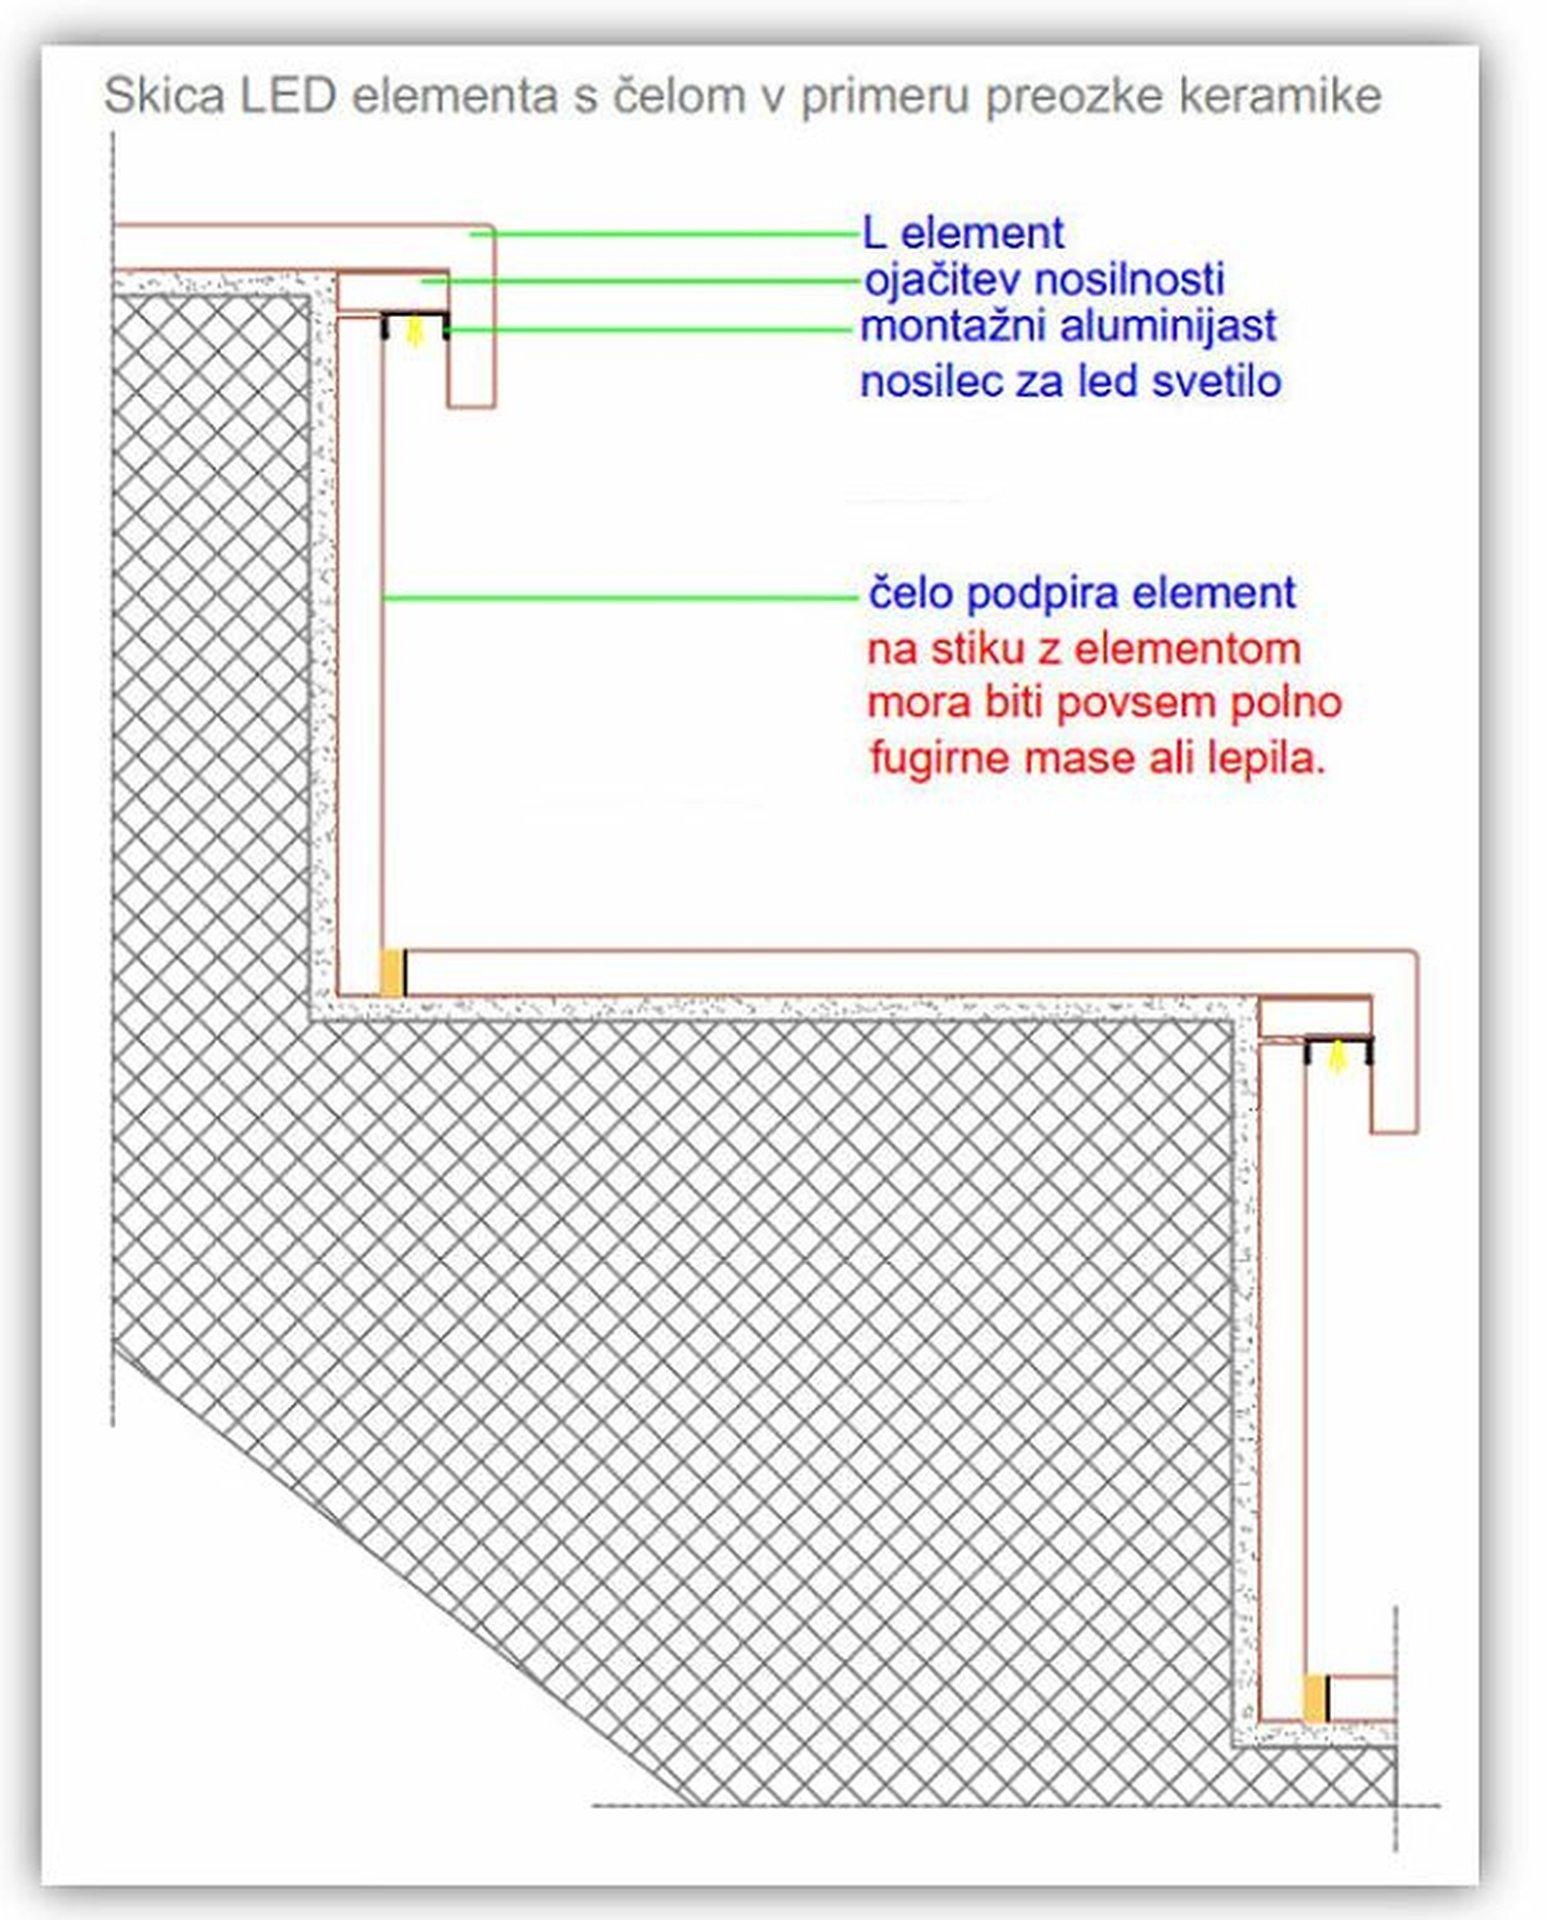 Resitev v primeru preozke keramike za LED element